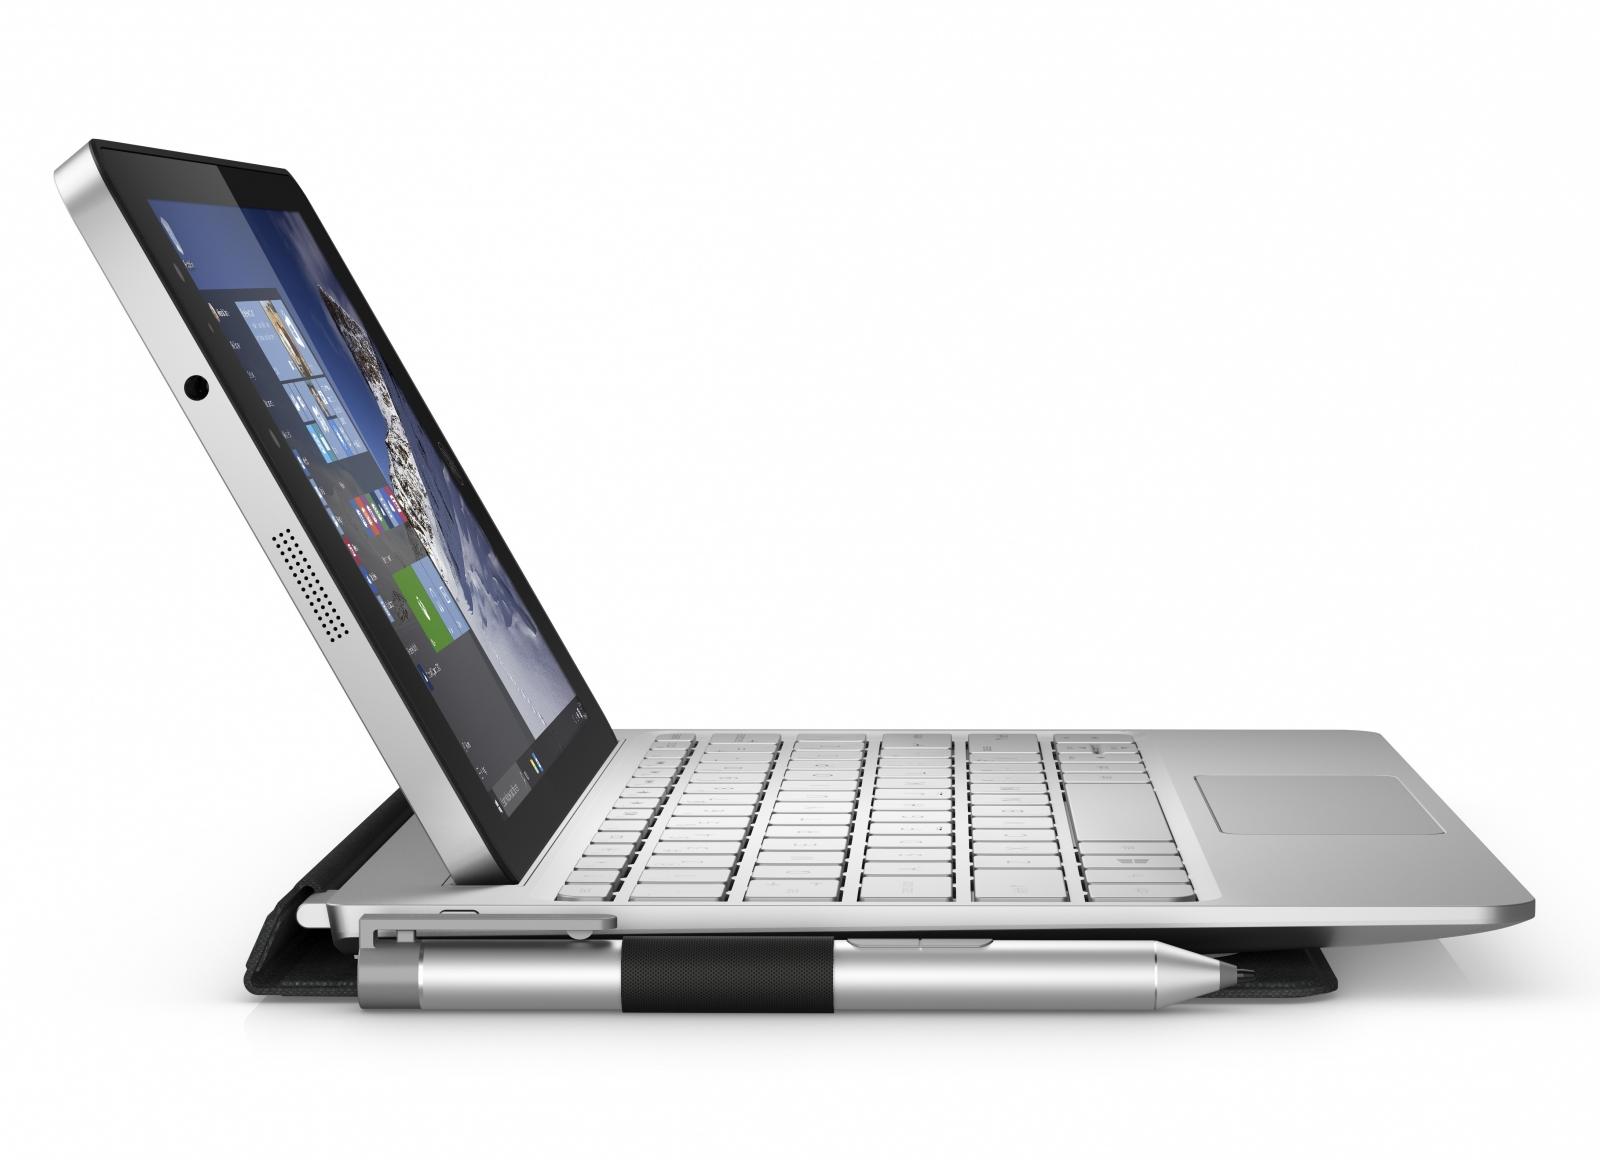 HP lansează o tabletă de 8 inch axată pe productivitate, cu tastaturș şi stylus dedicate: Envy Note 8